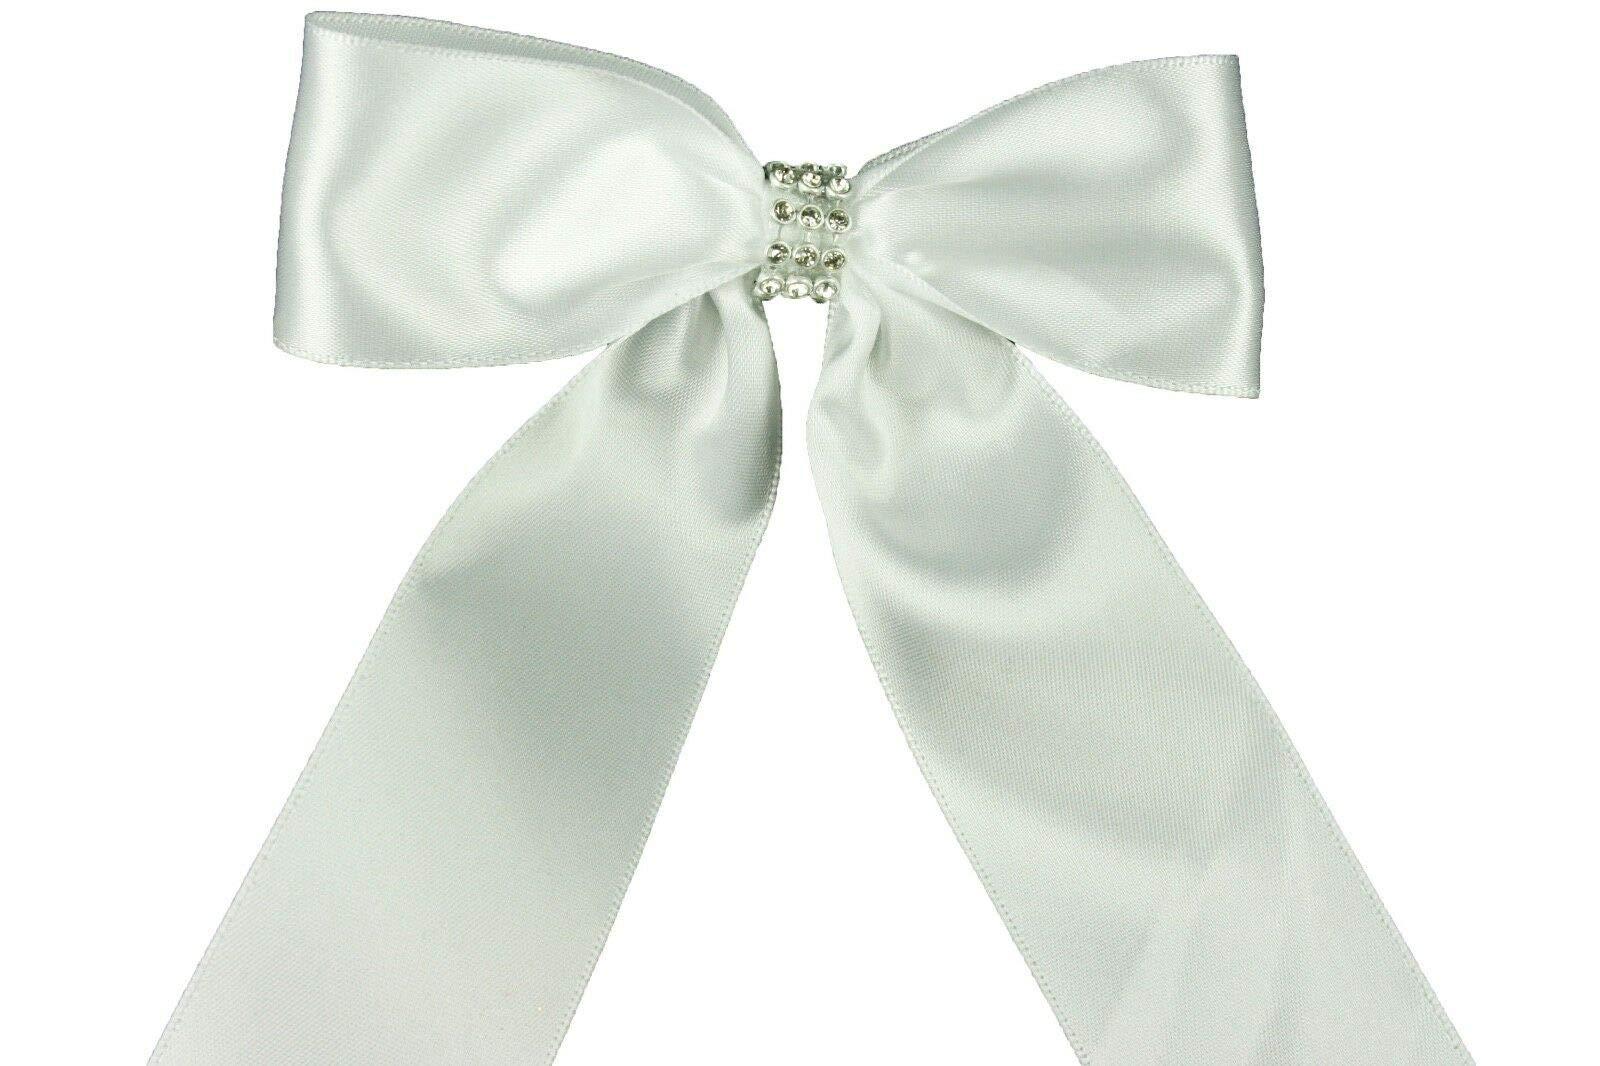 Bright Sun White (Set of 10) Pre-Made 1-1/2'' Satin Bows Rhinestone Center Design with Wire Tie #DPNH